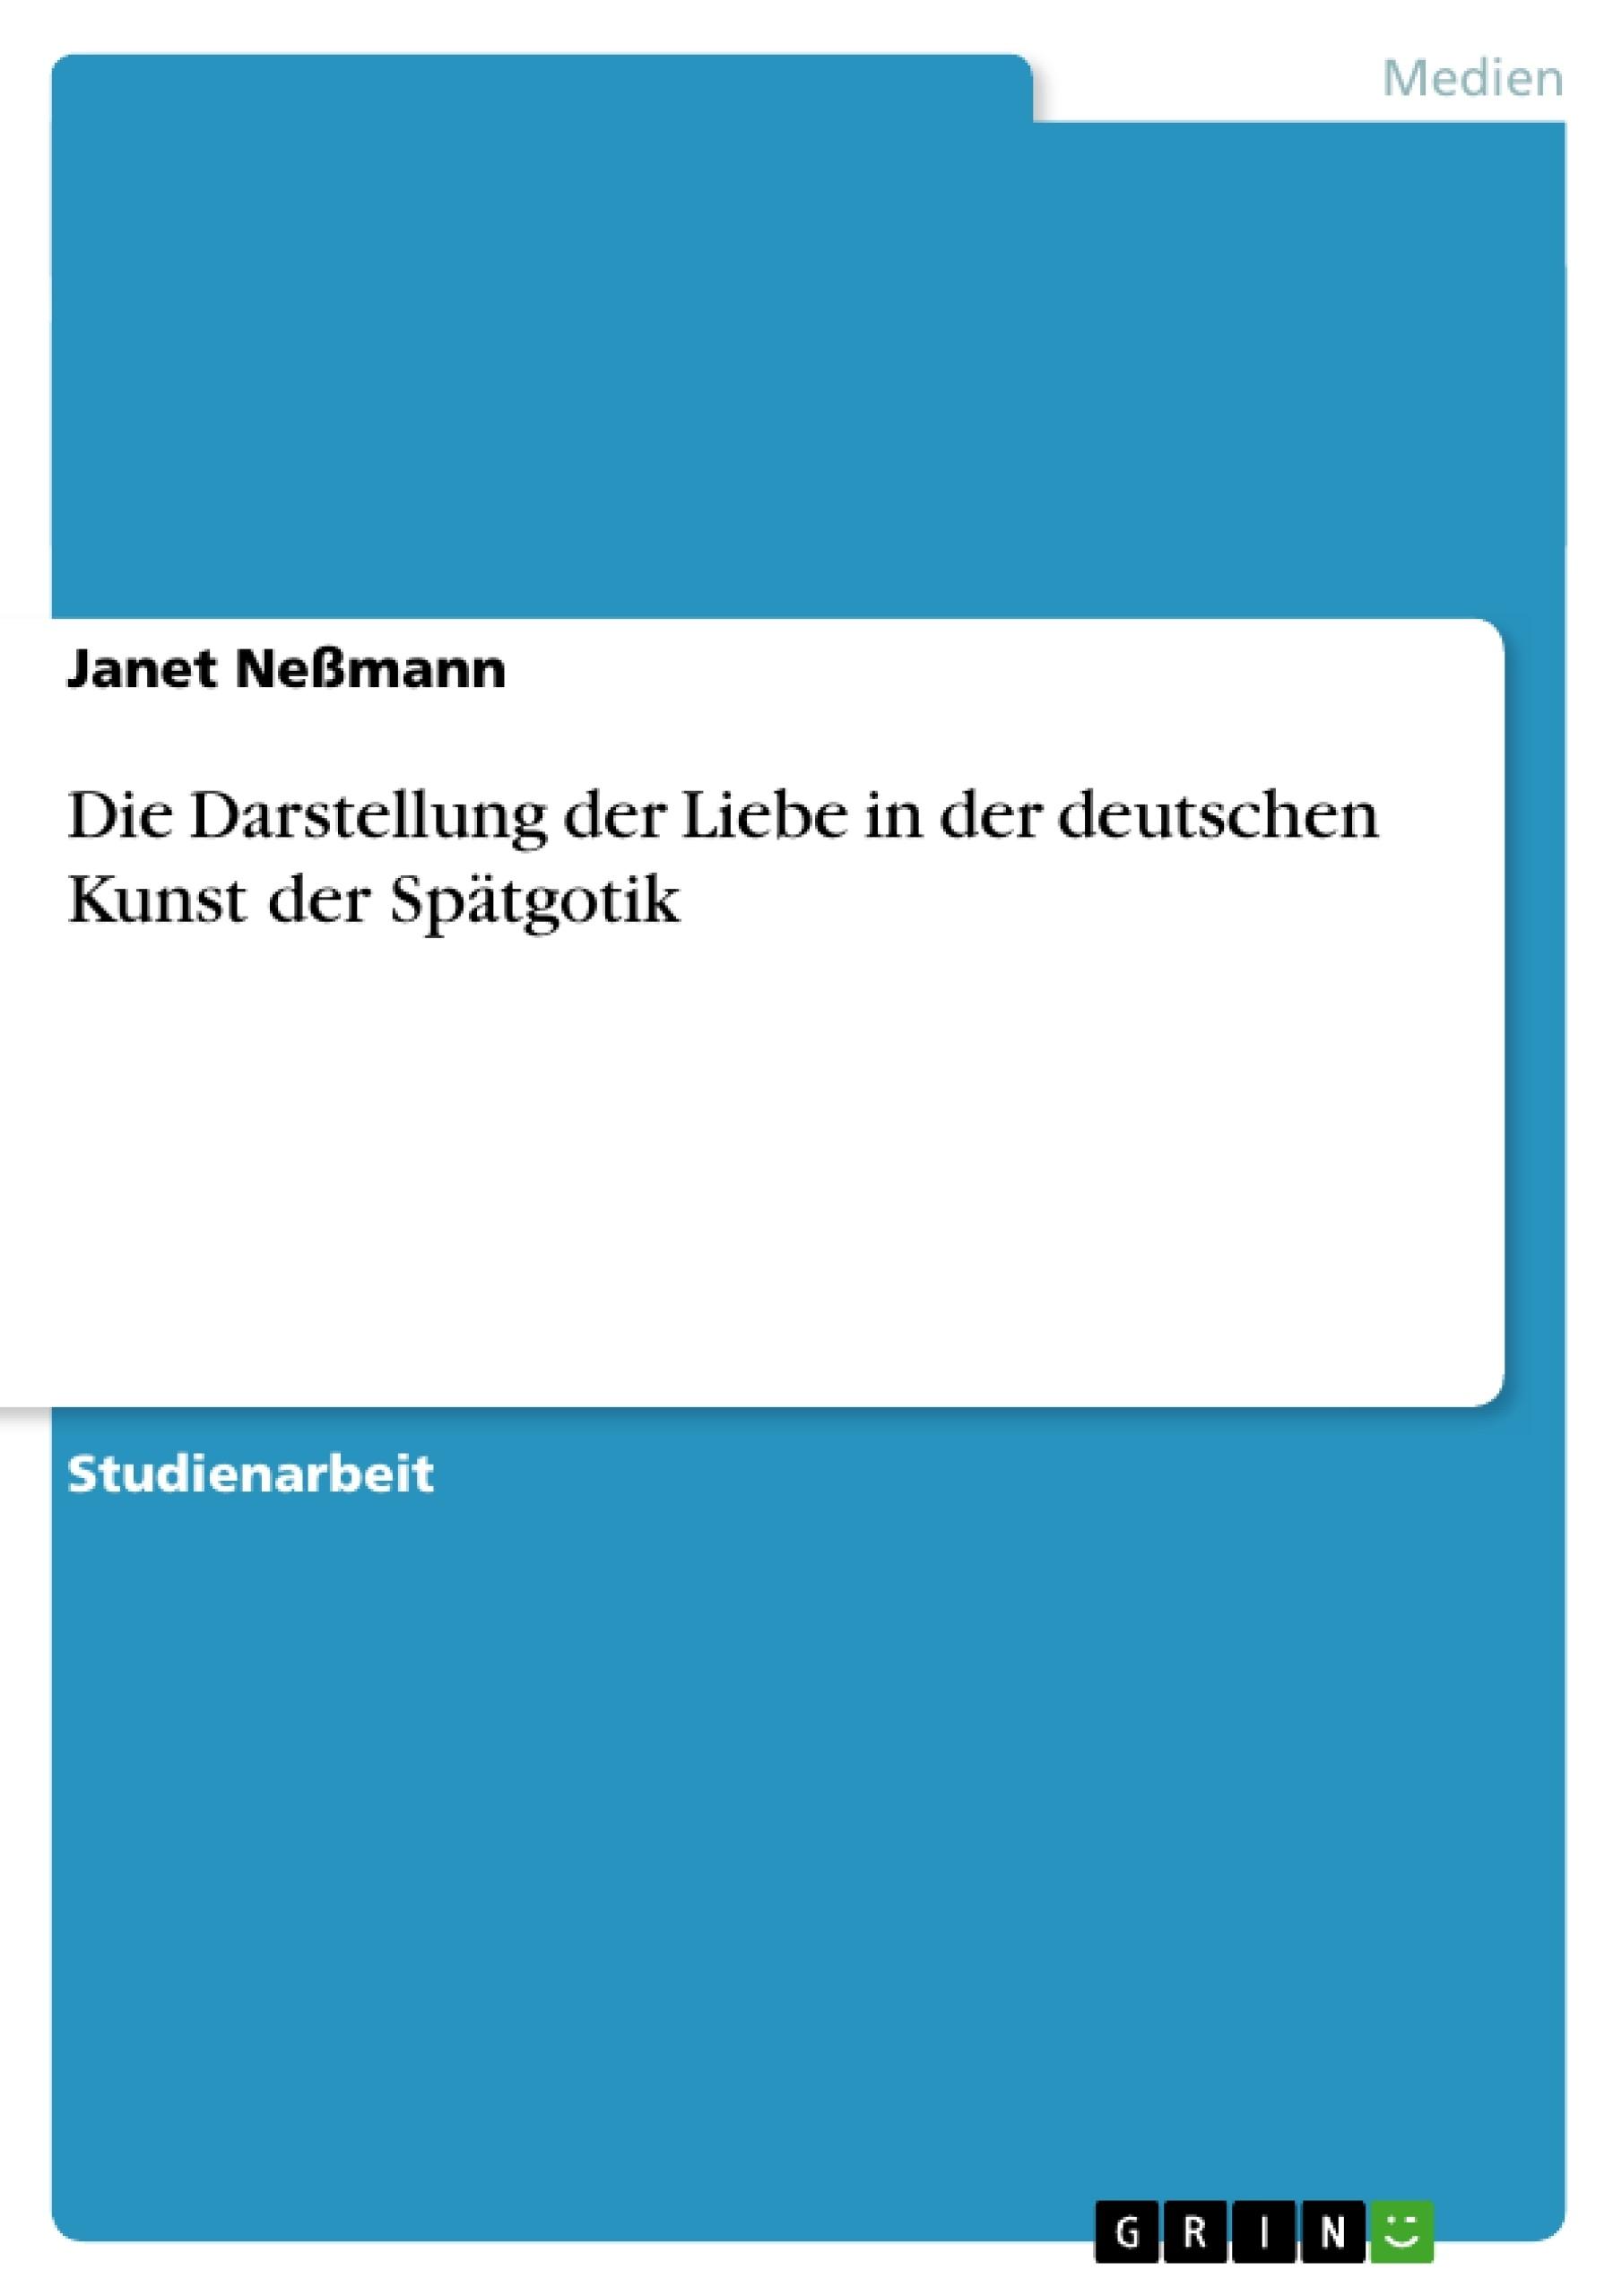 Titel: Die Darstellung der Liebe in der deutschen Kunst der Spätgotik